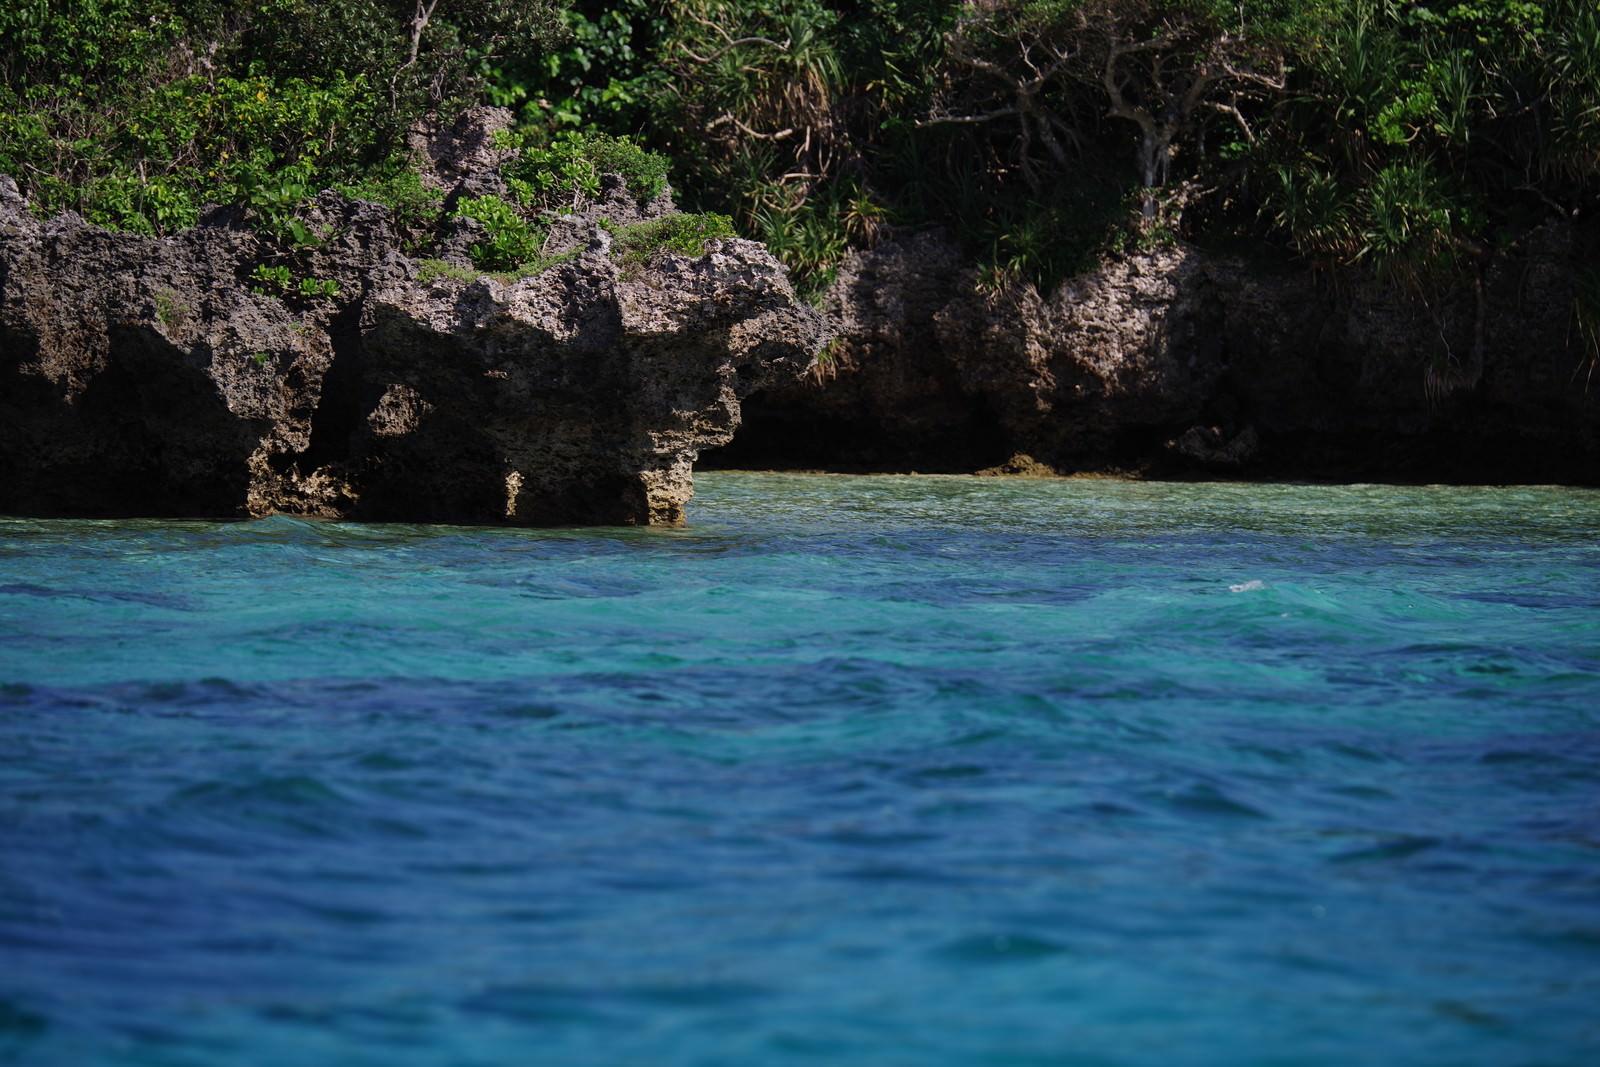 「石垣島の青い海と切り立った岩場(沖縄県)」の写真